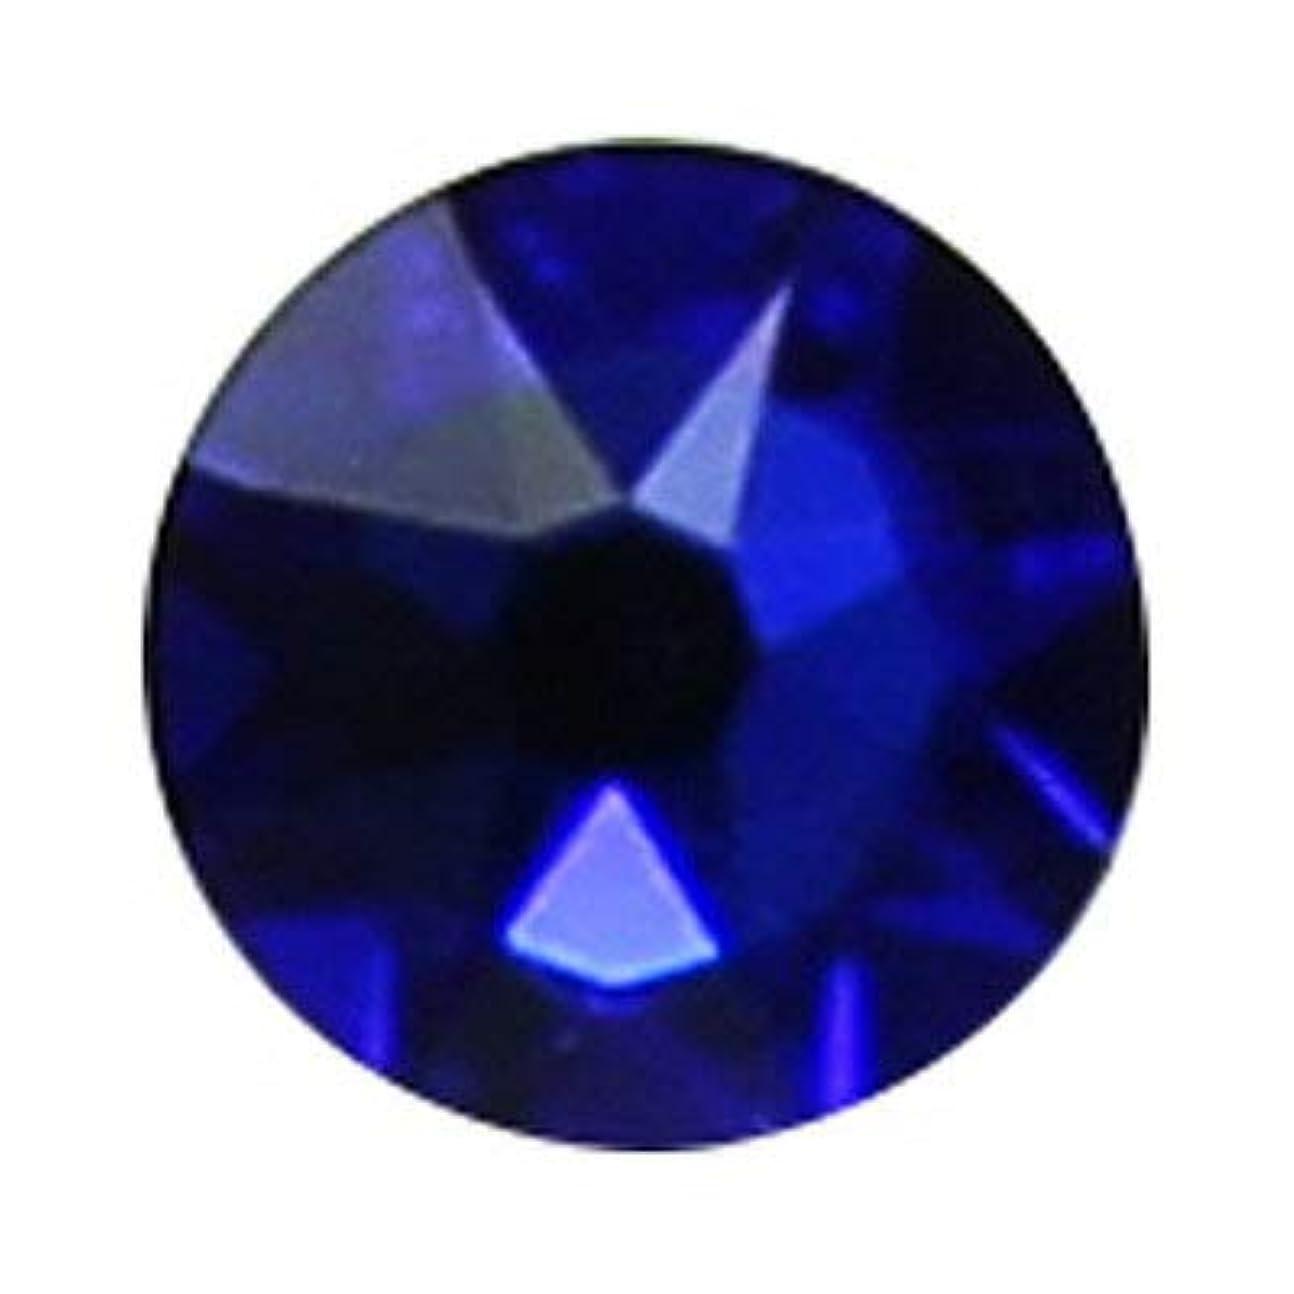 書誌評決明確なSWAROVSKI マジェスティック?ブルー ss5 #2058 72P